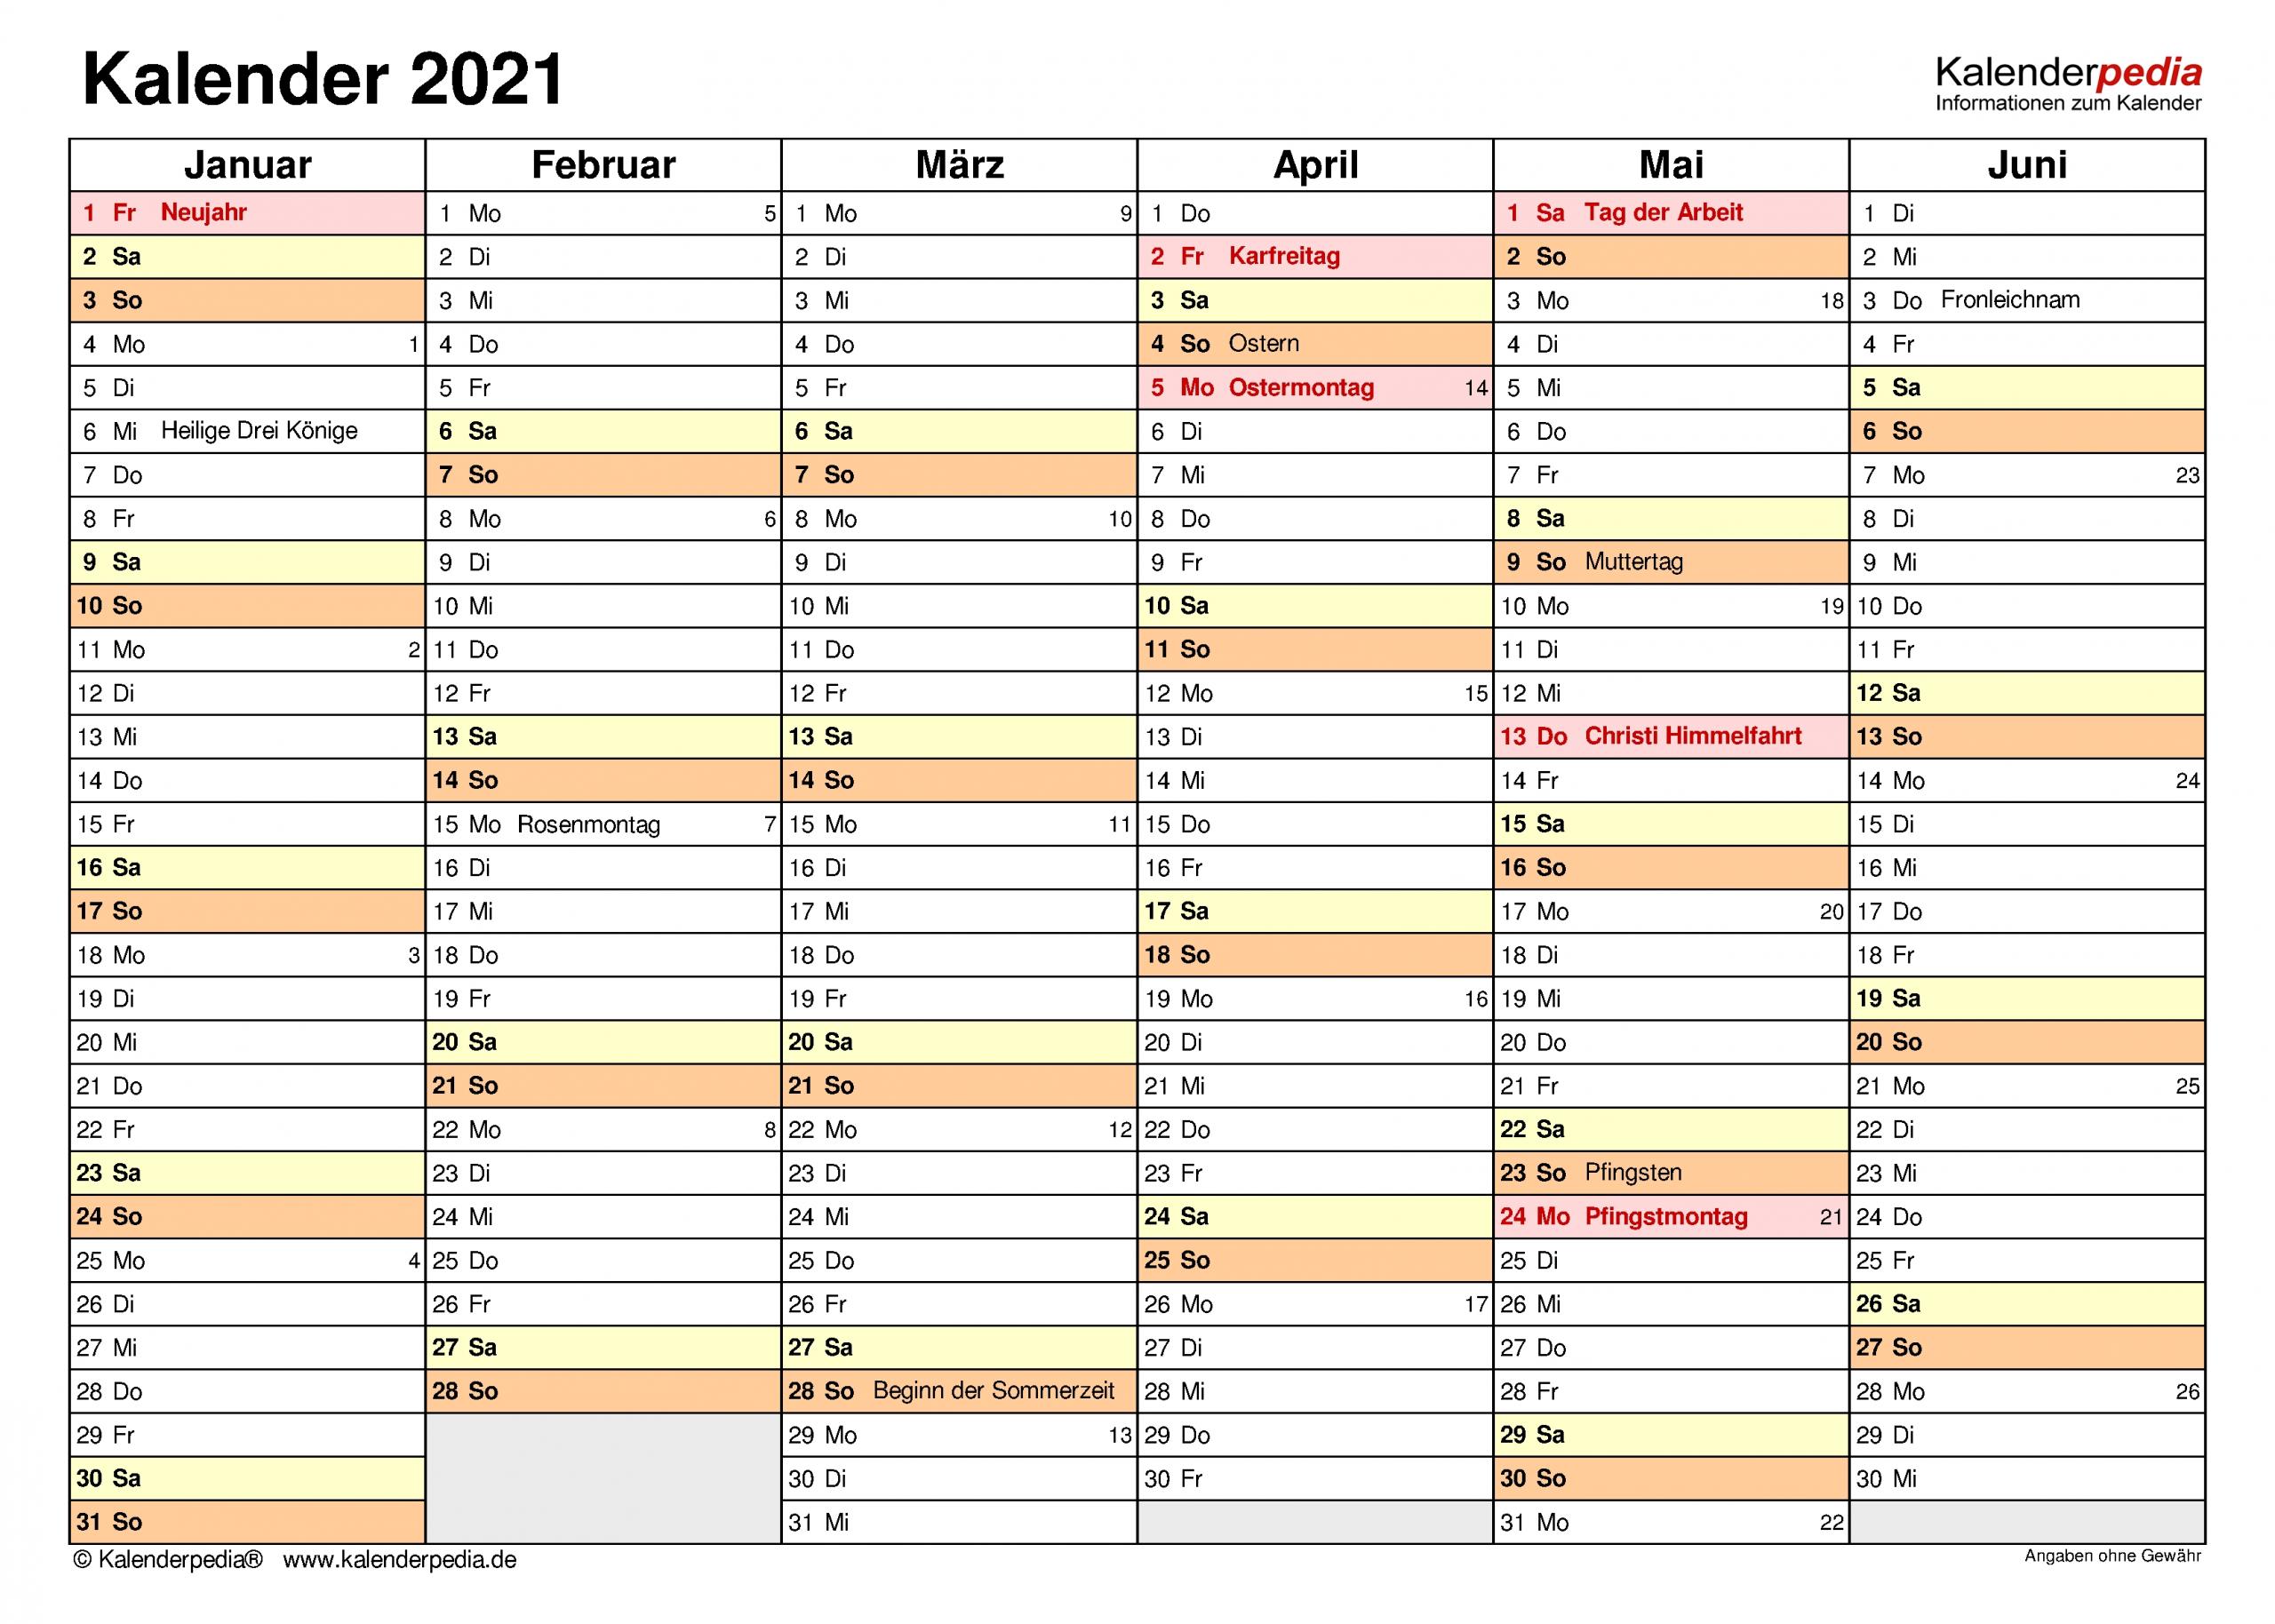 Take Kalender 2021 Zum Ausdrucken Ab Juli